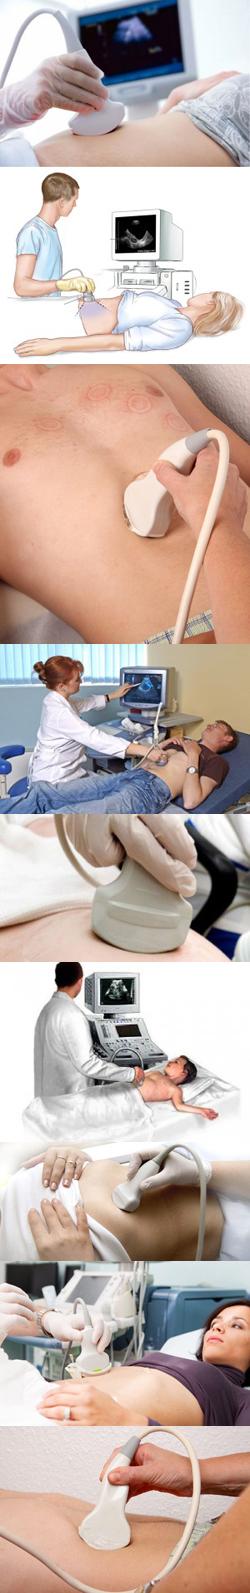 УЗИ брюшной полости. Показания, противопоказания, методика проведения. Подготовка к УЗИ брюшной полости